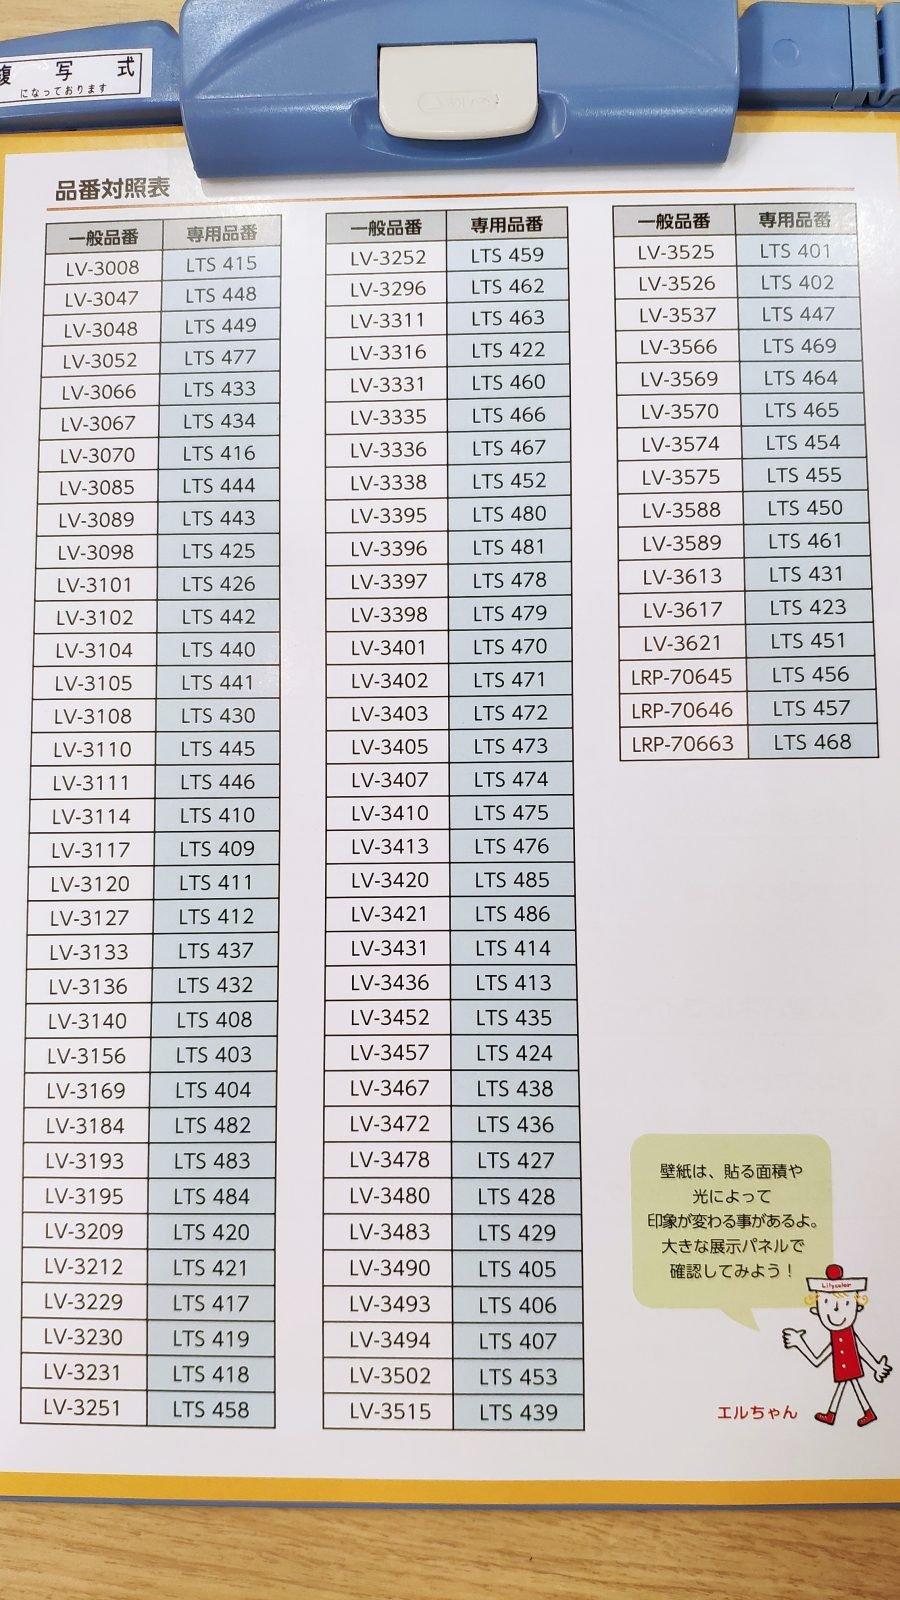 リリカラ品番(左:一般品番)と県民共済住宅品番(右:専用品番)の対照表